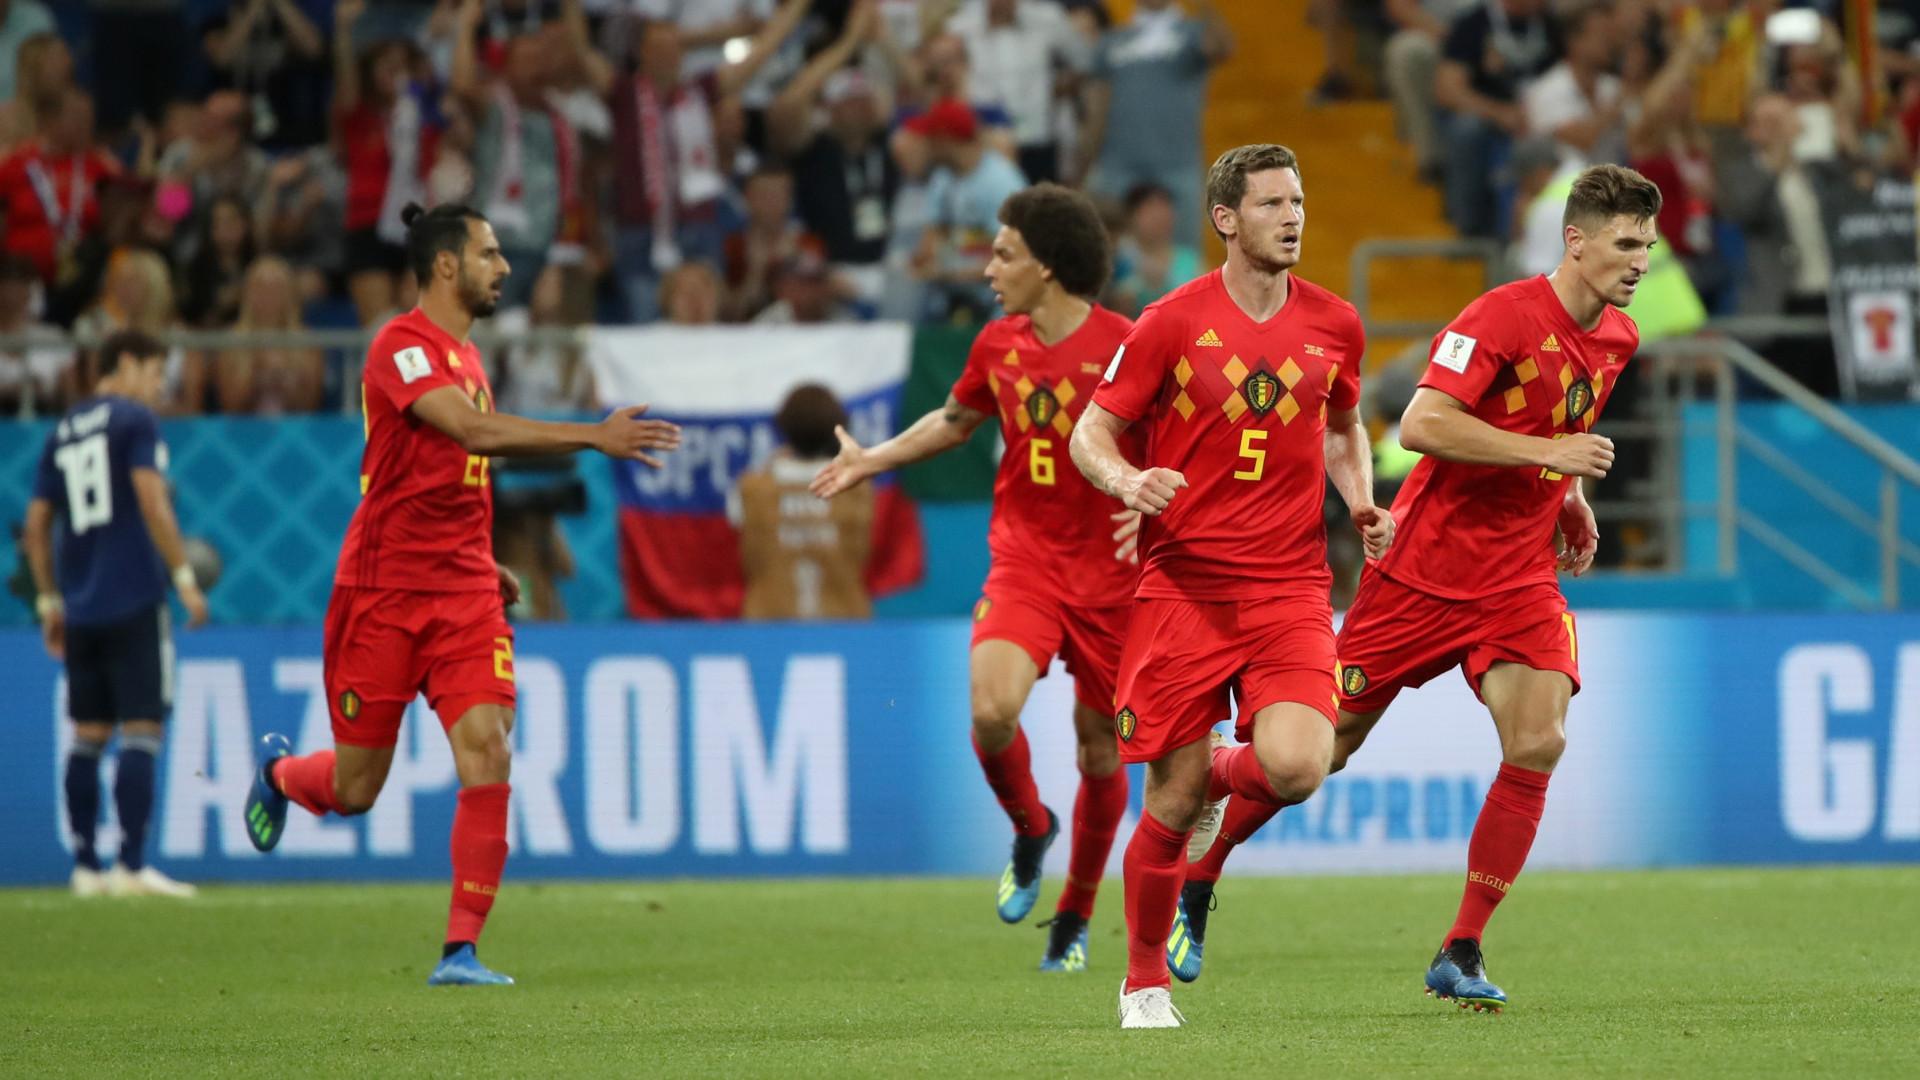 Este pode ser o jogo do Mundial: Terramoto belga deixa Japão pelo caminho